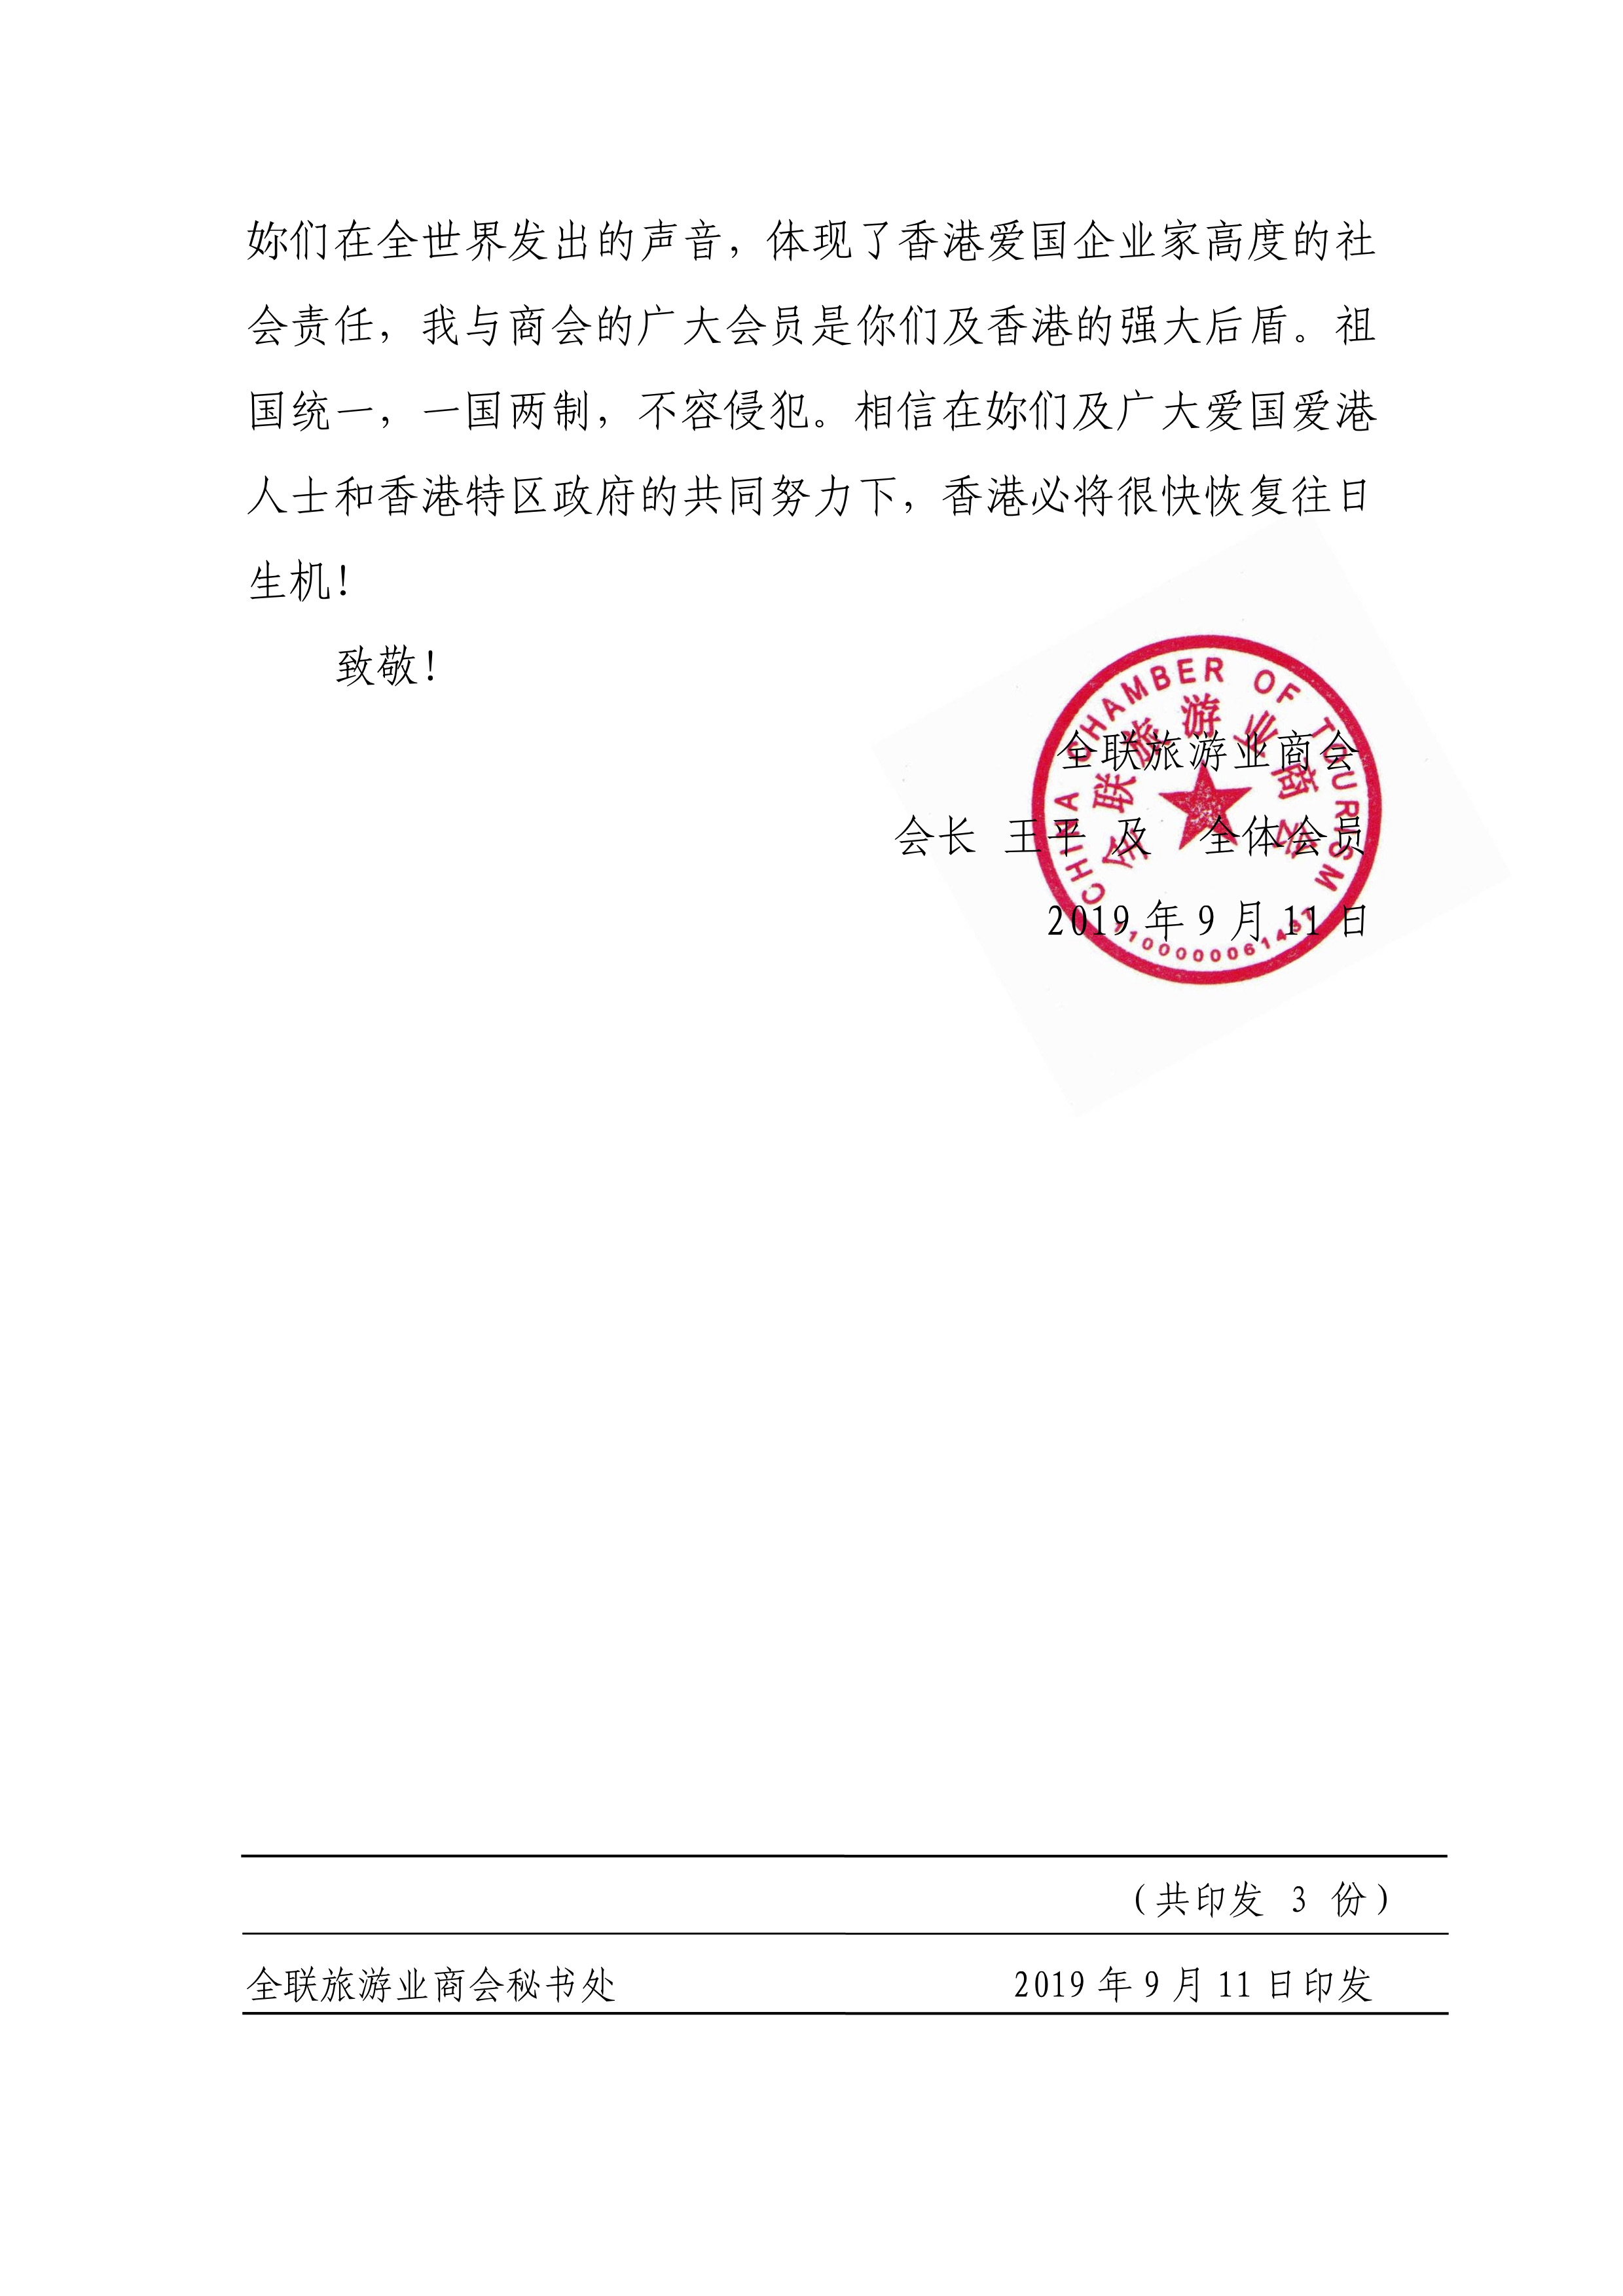 全联旅游业商会致敬函2